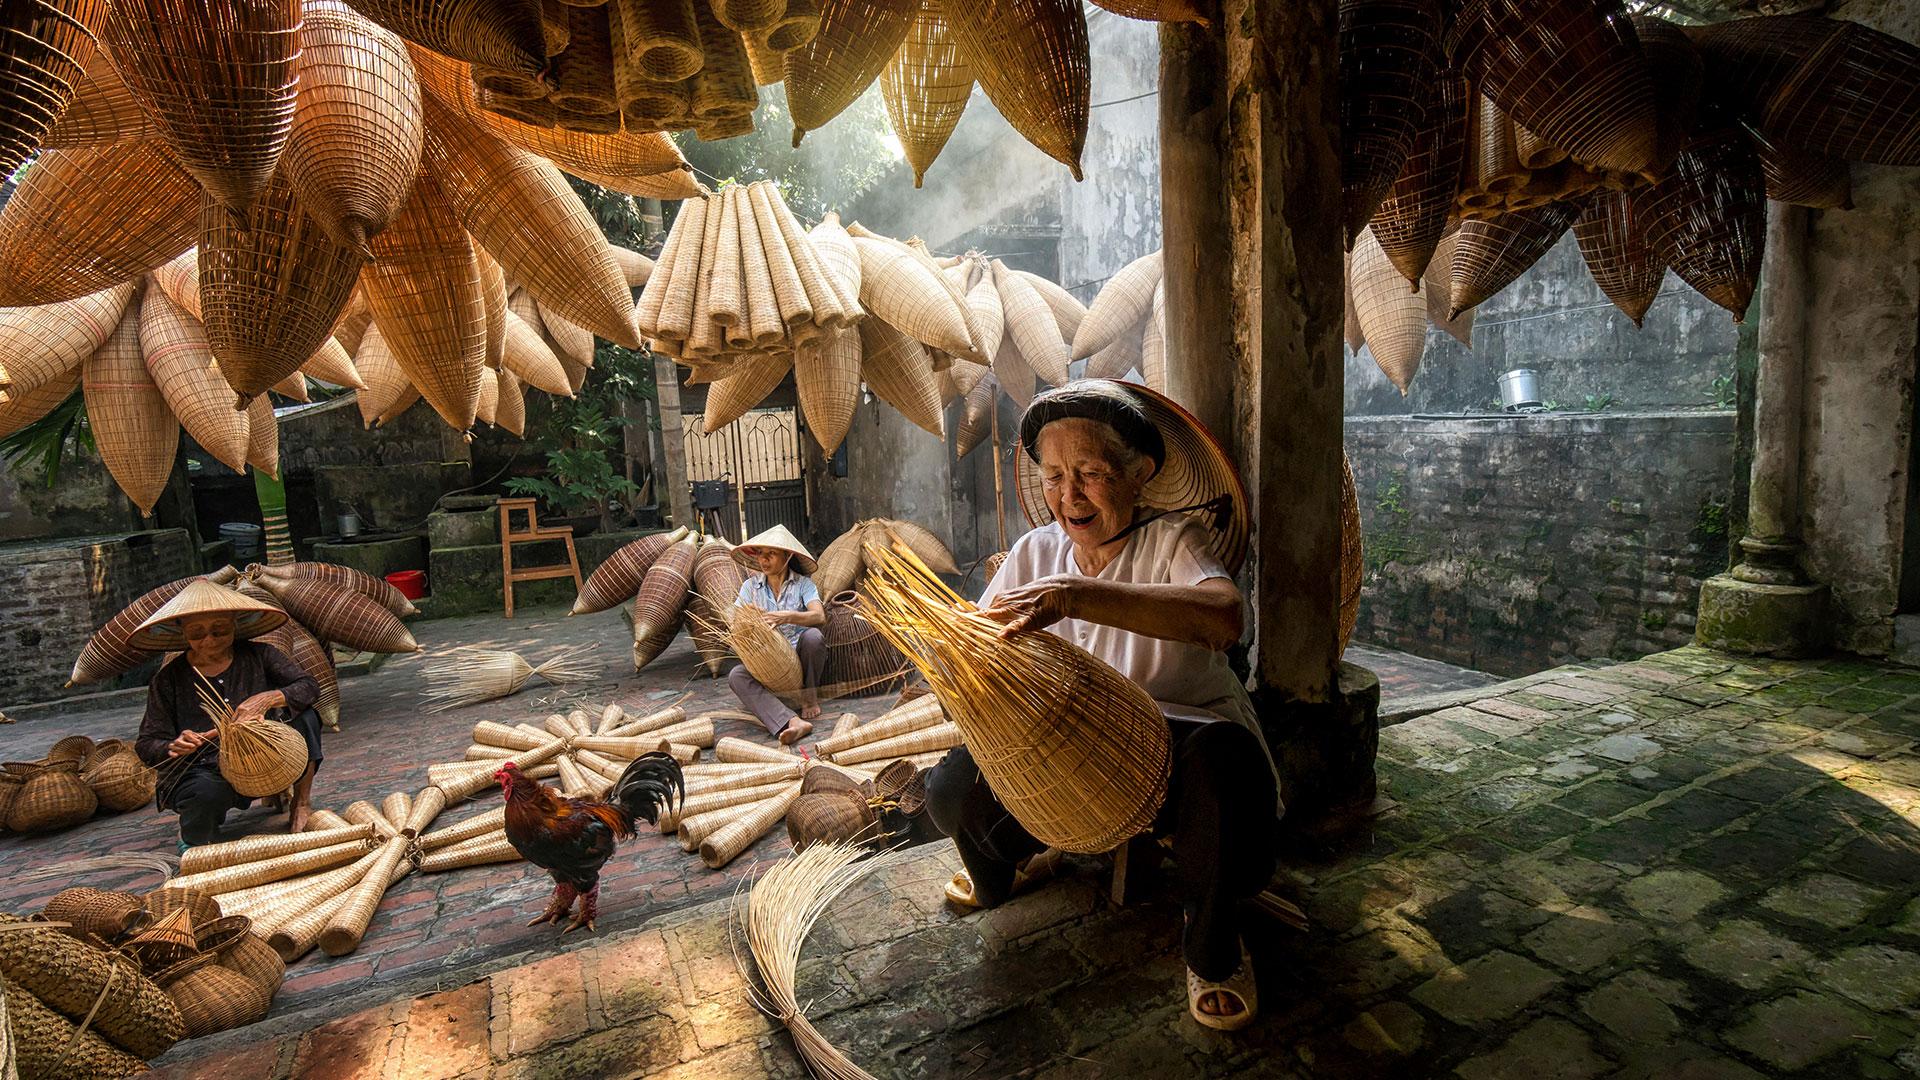 Frauen in der Fischerei: Knüpfen von Bambus-Fischfallen in Vietnam